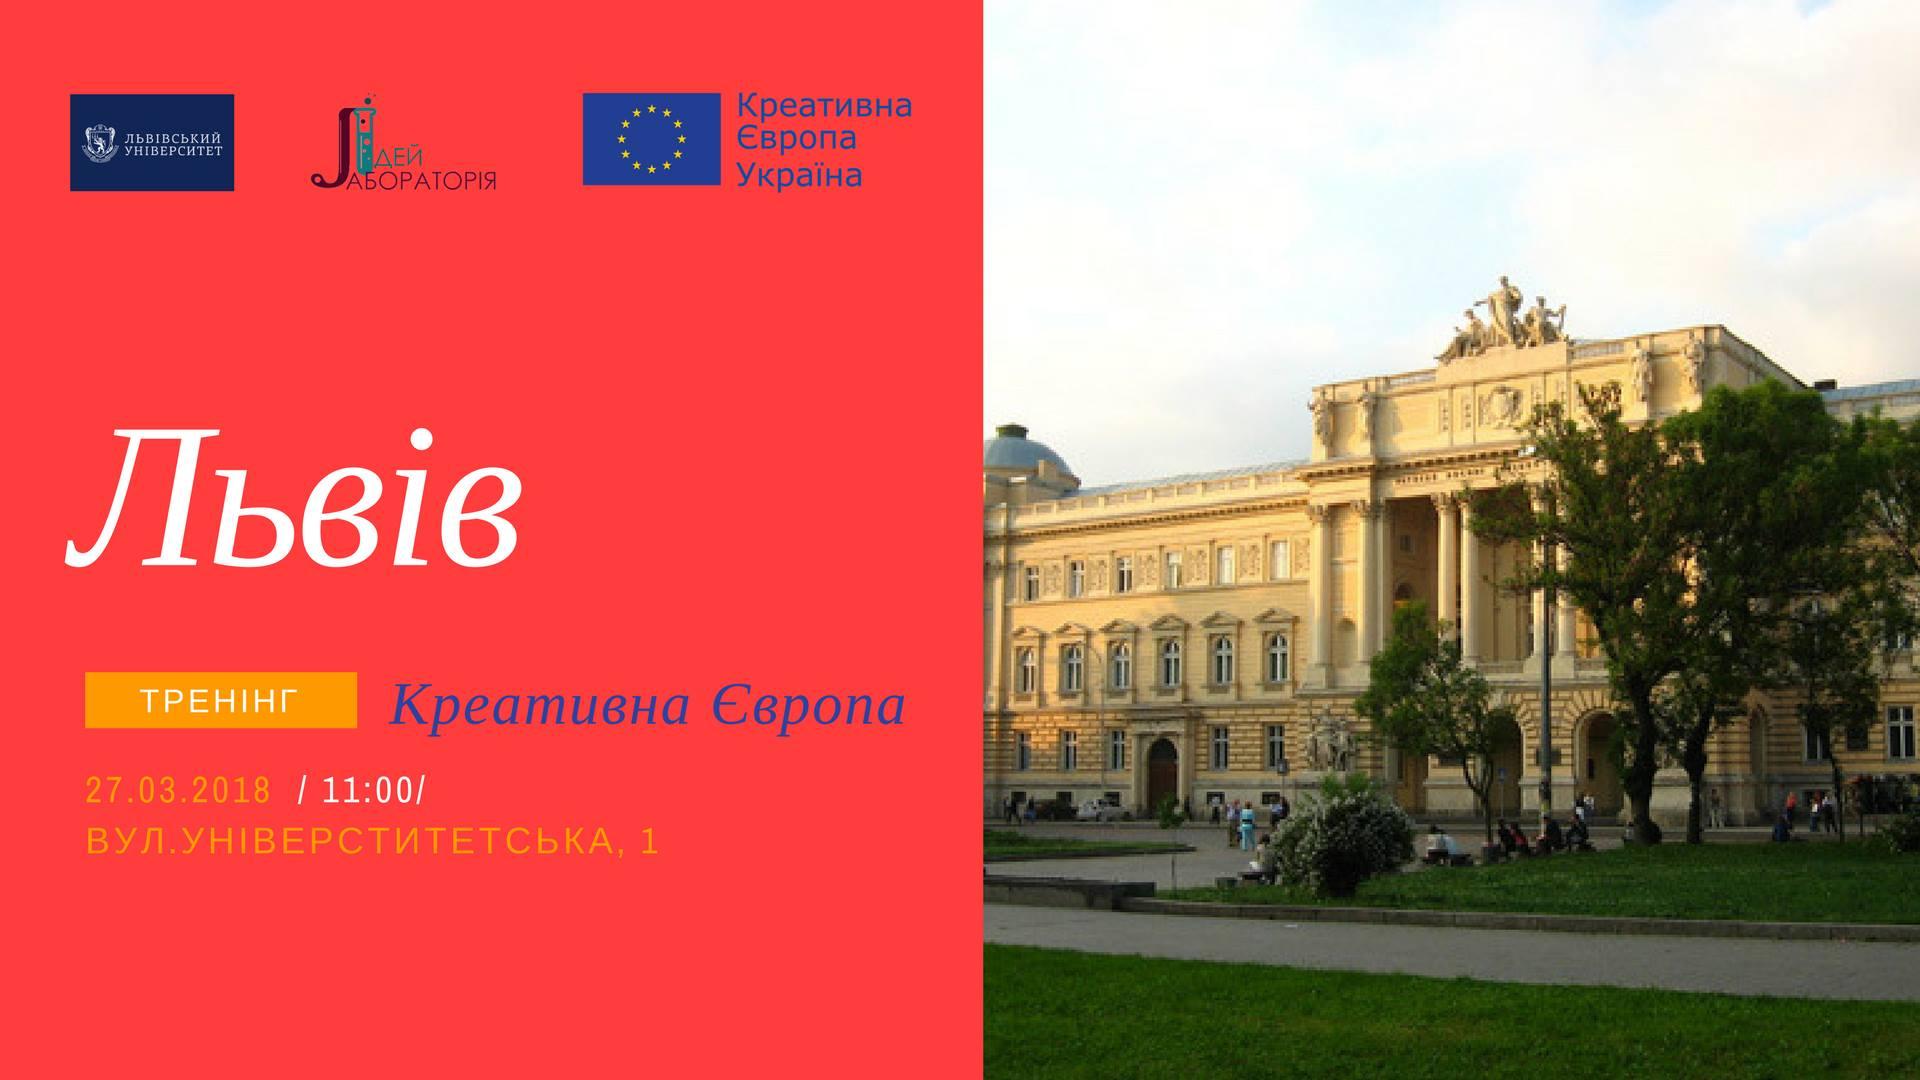 Тренінг Креативної Європи у Львові